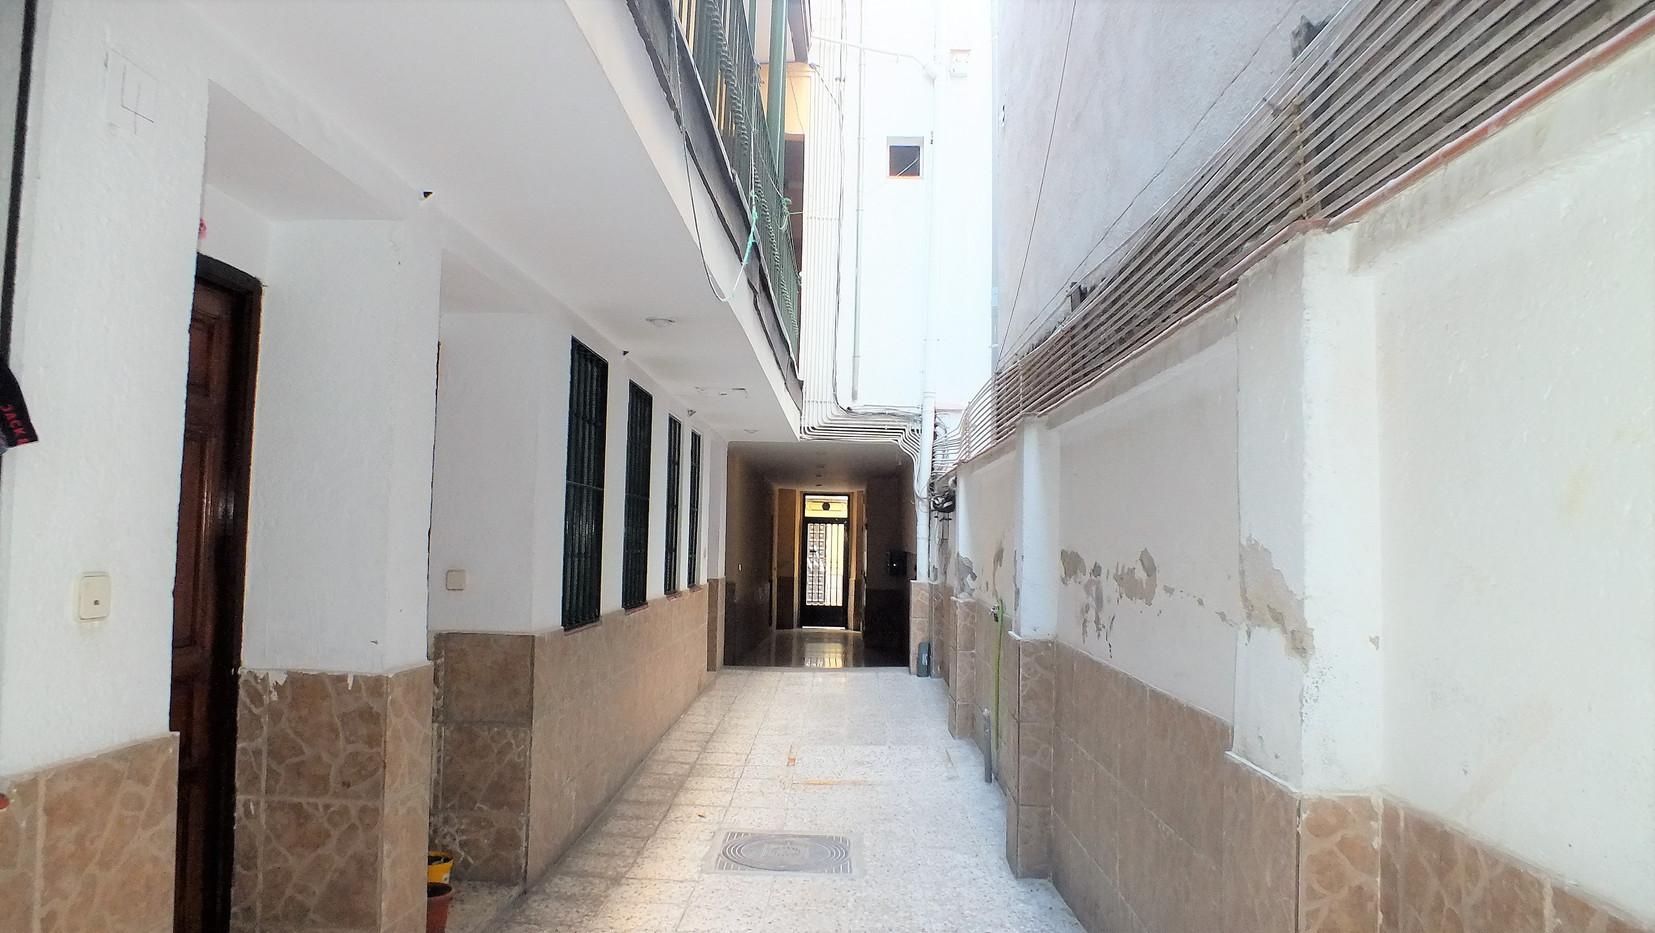 Estudio en calle Rodas 12 (24).JPG